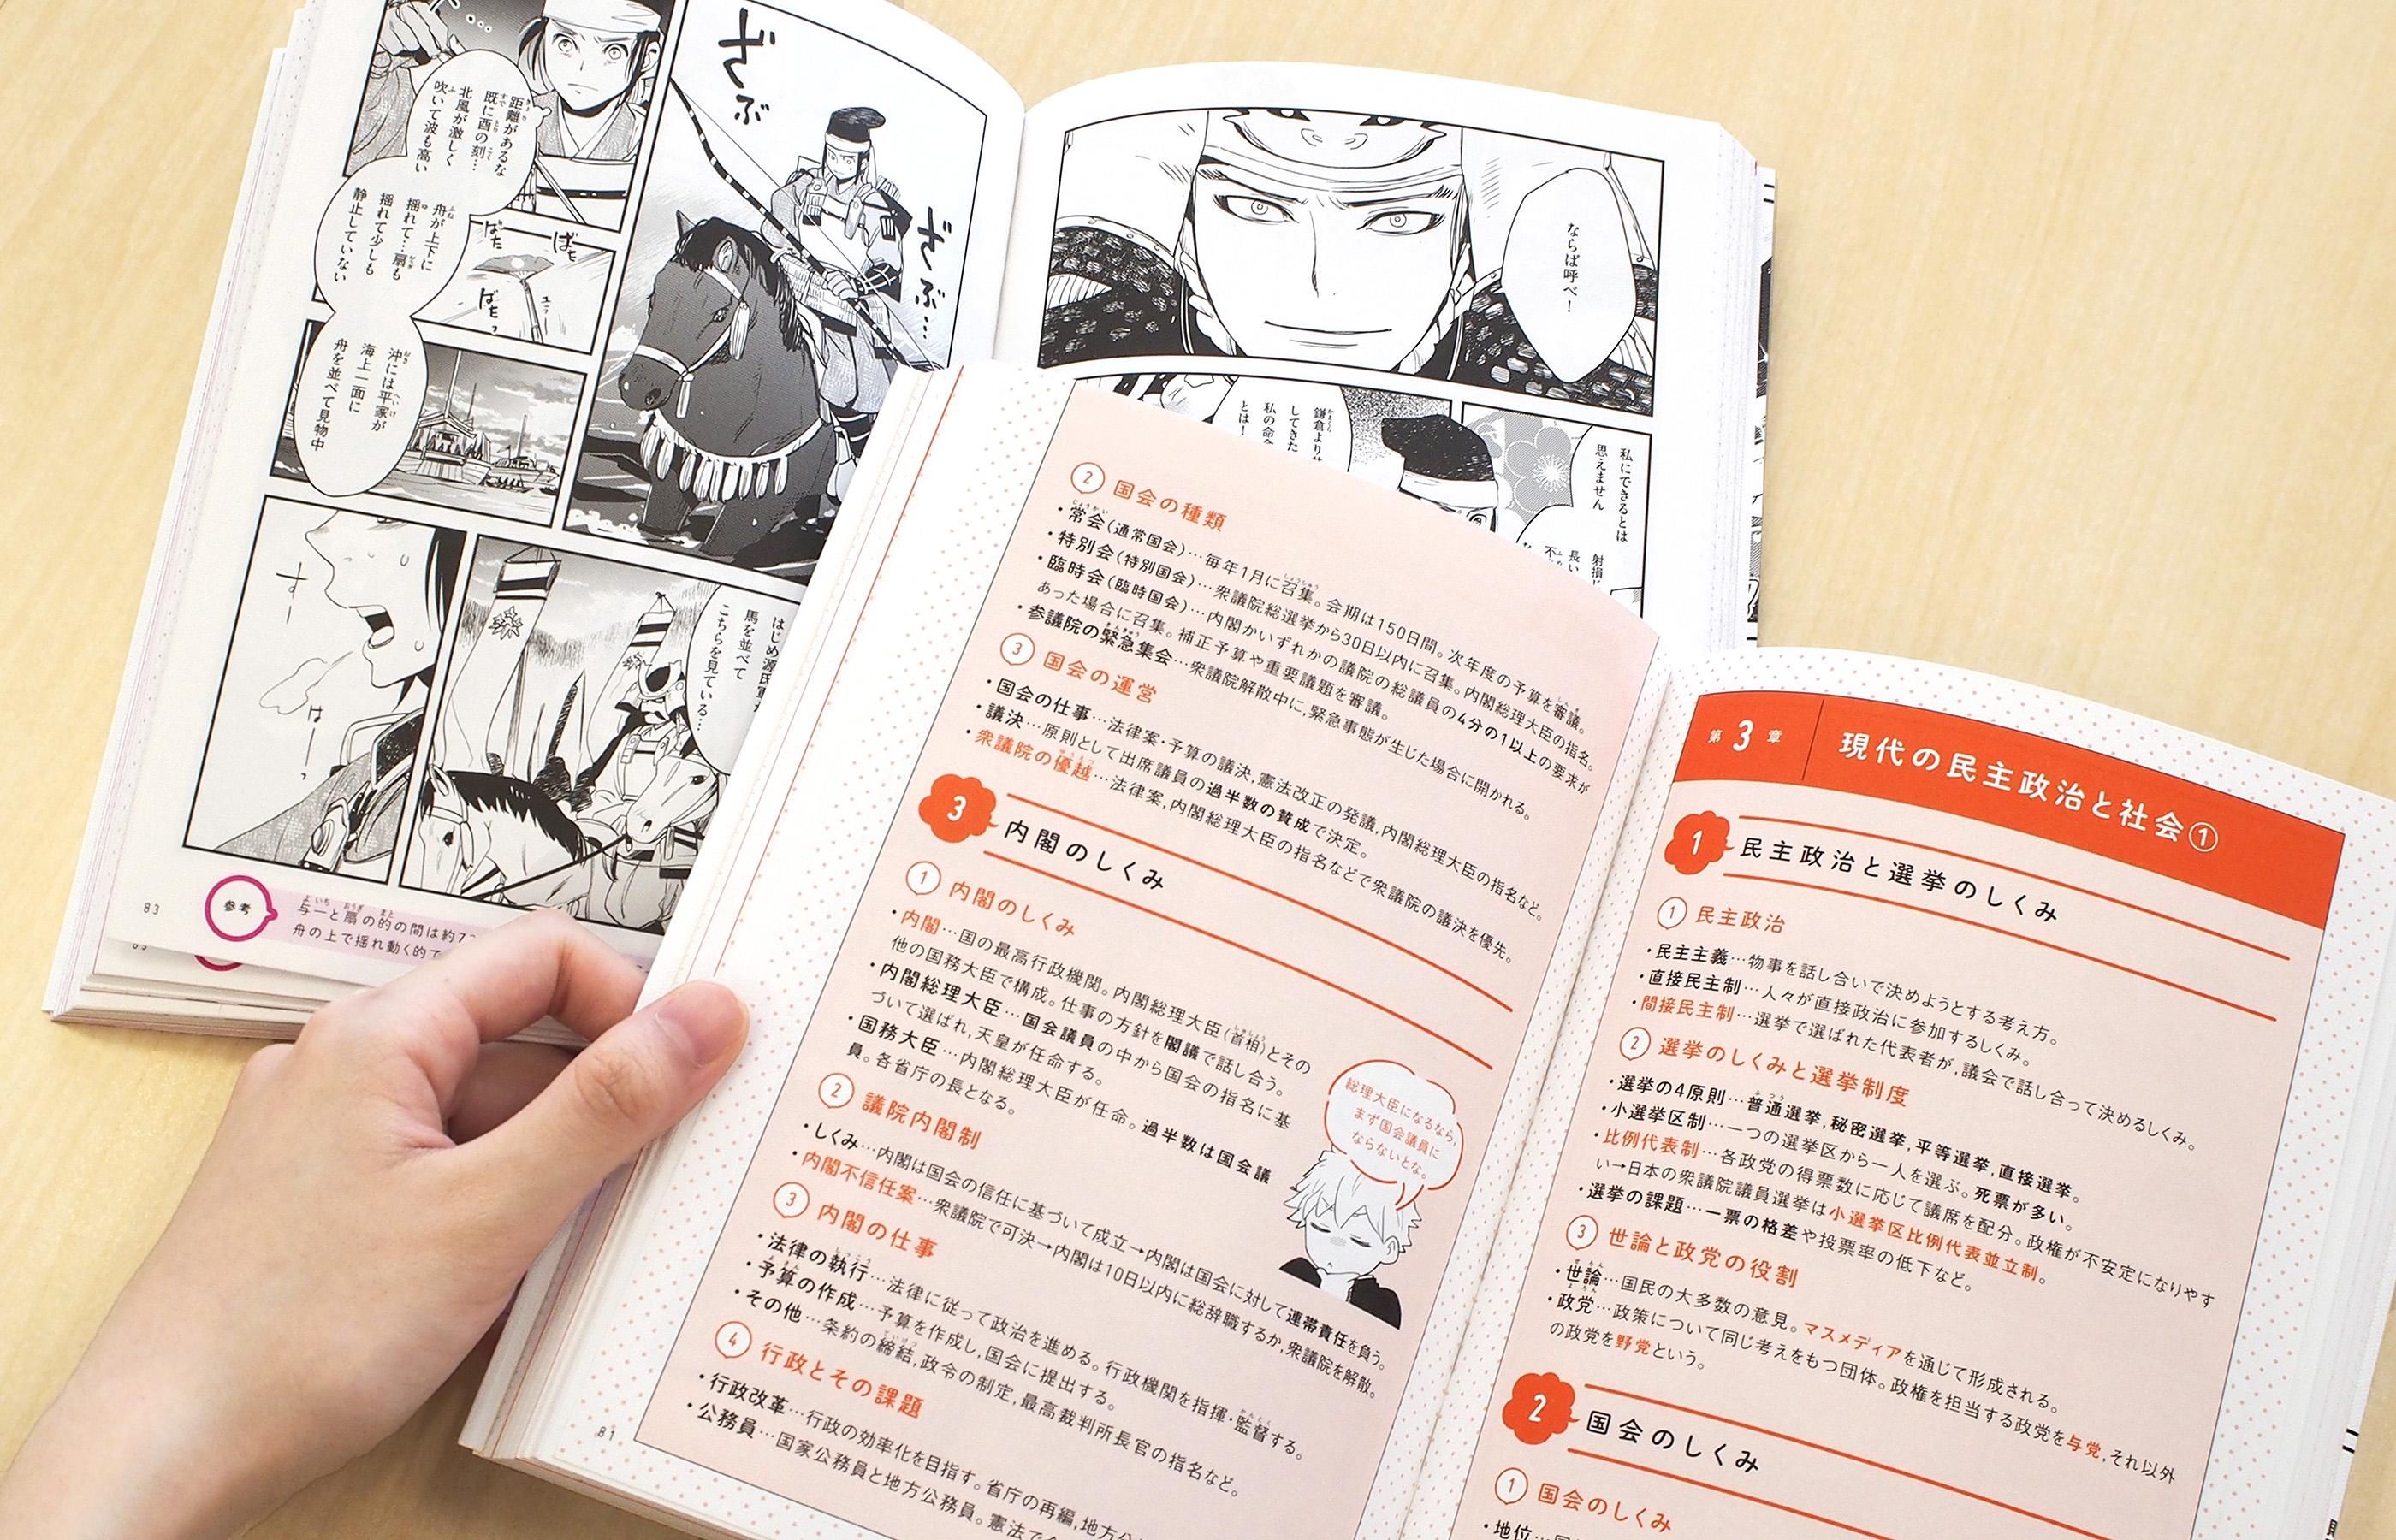 「マンガで全体像の把握、まとめページで要点の確認ができる」紙面